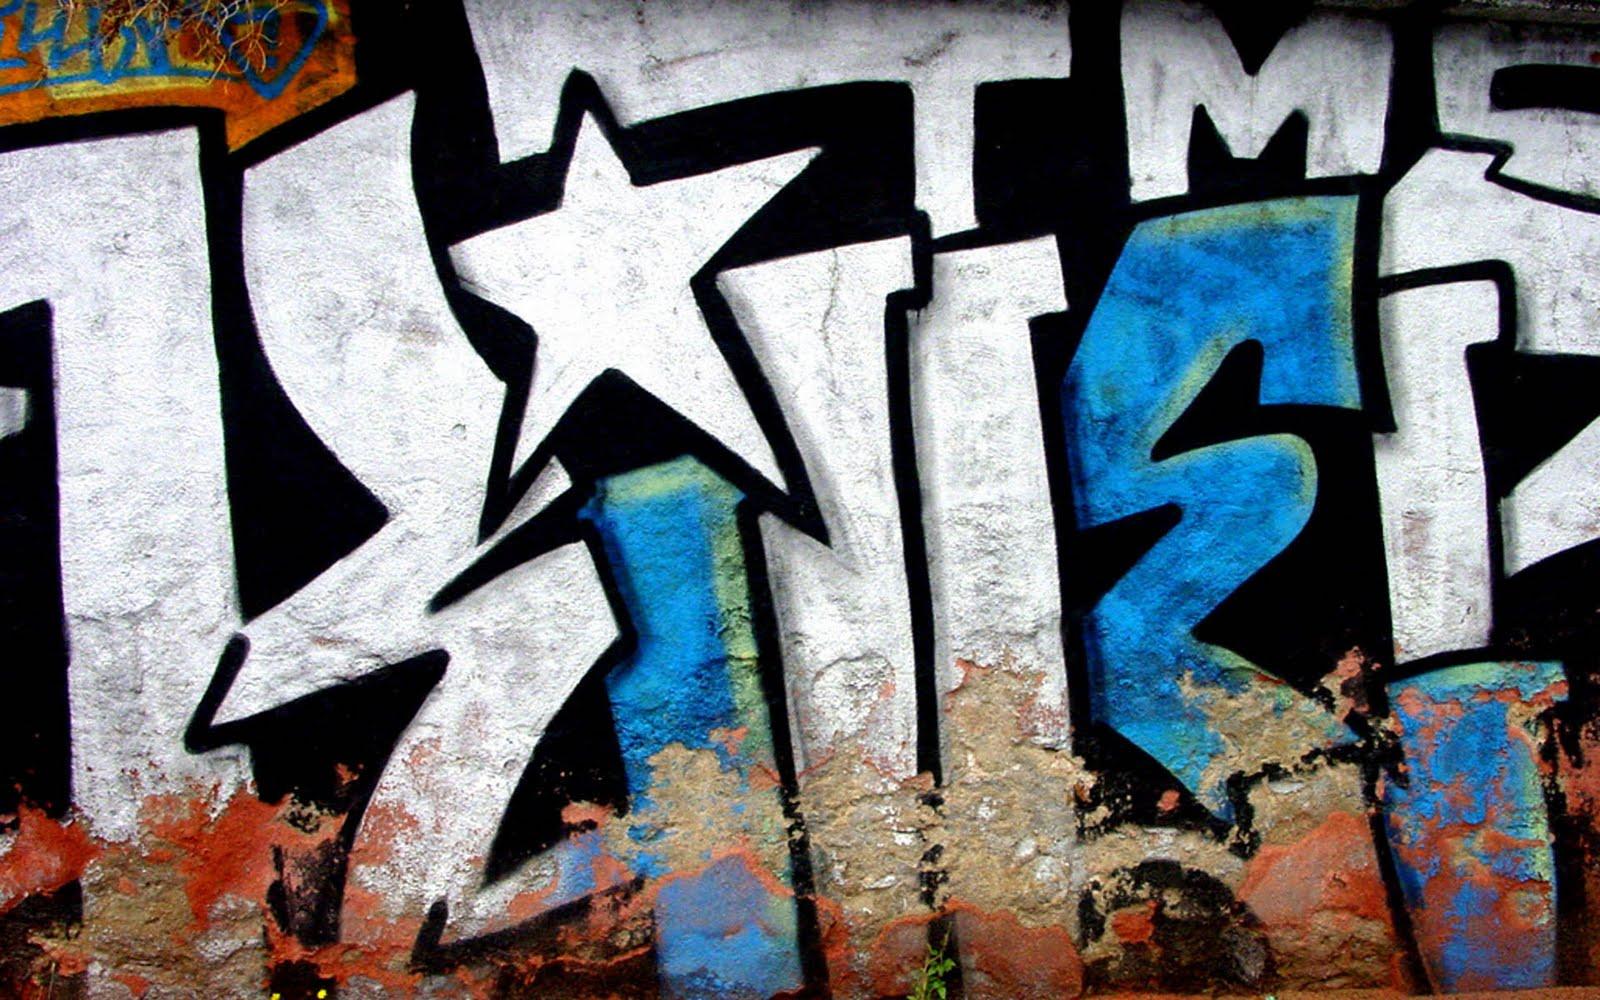 http://3.bp.blogspot.com/-zL8ZwX_ThJ4/Tc2_oG3XjKI/AAAAAAAAAcw/X2NNmLDnYHc/s1600/Graffiti%20Art%20Wallpaper.jpg